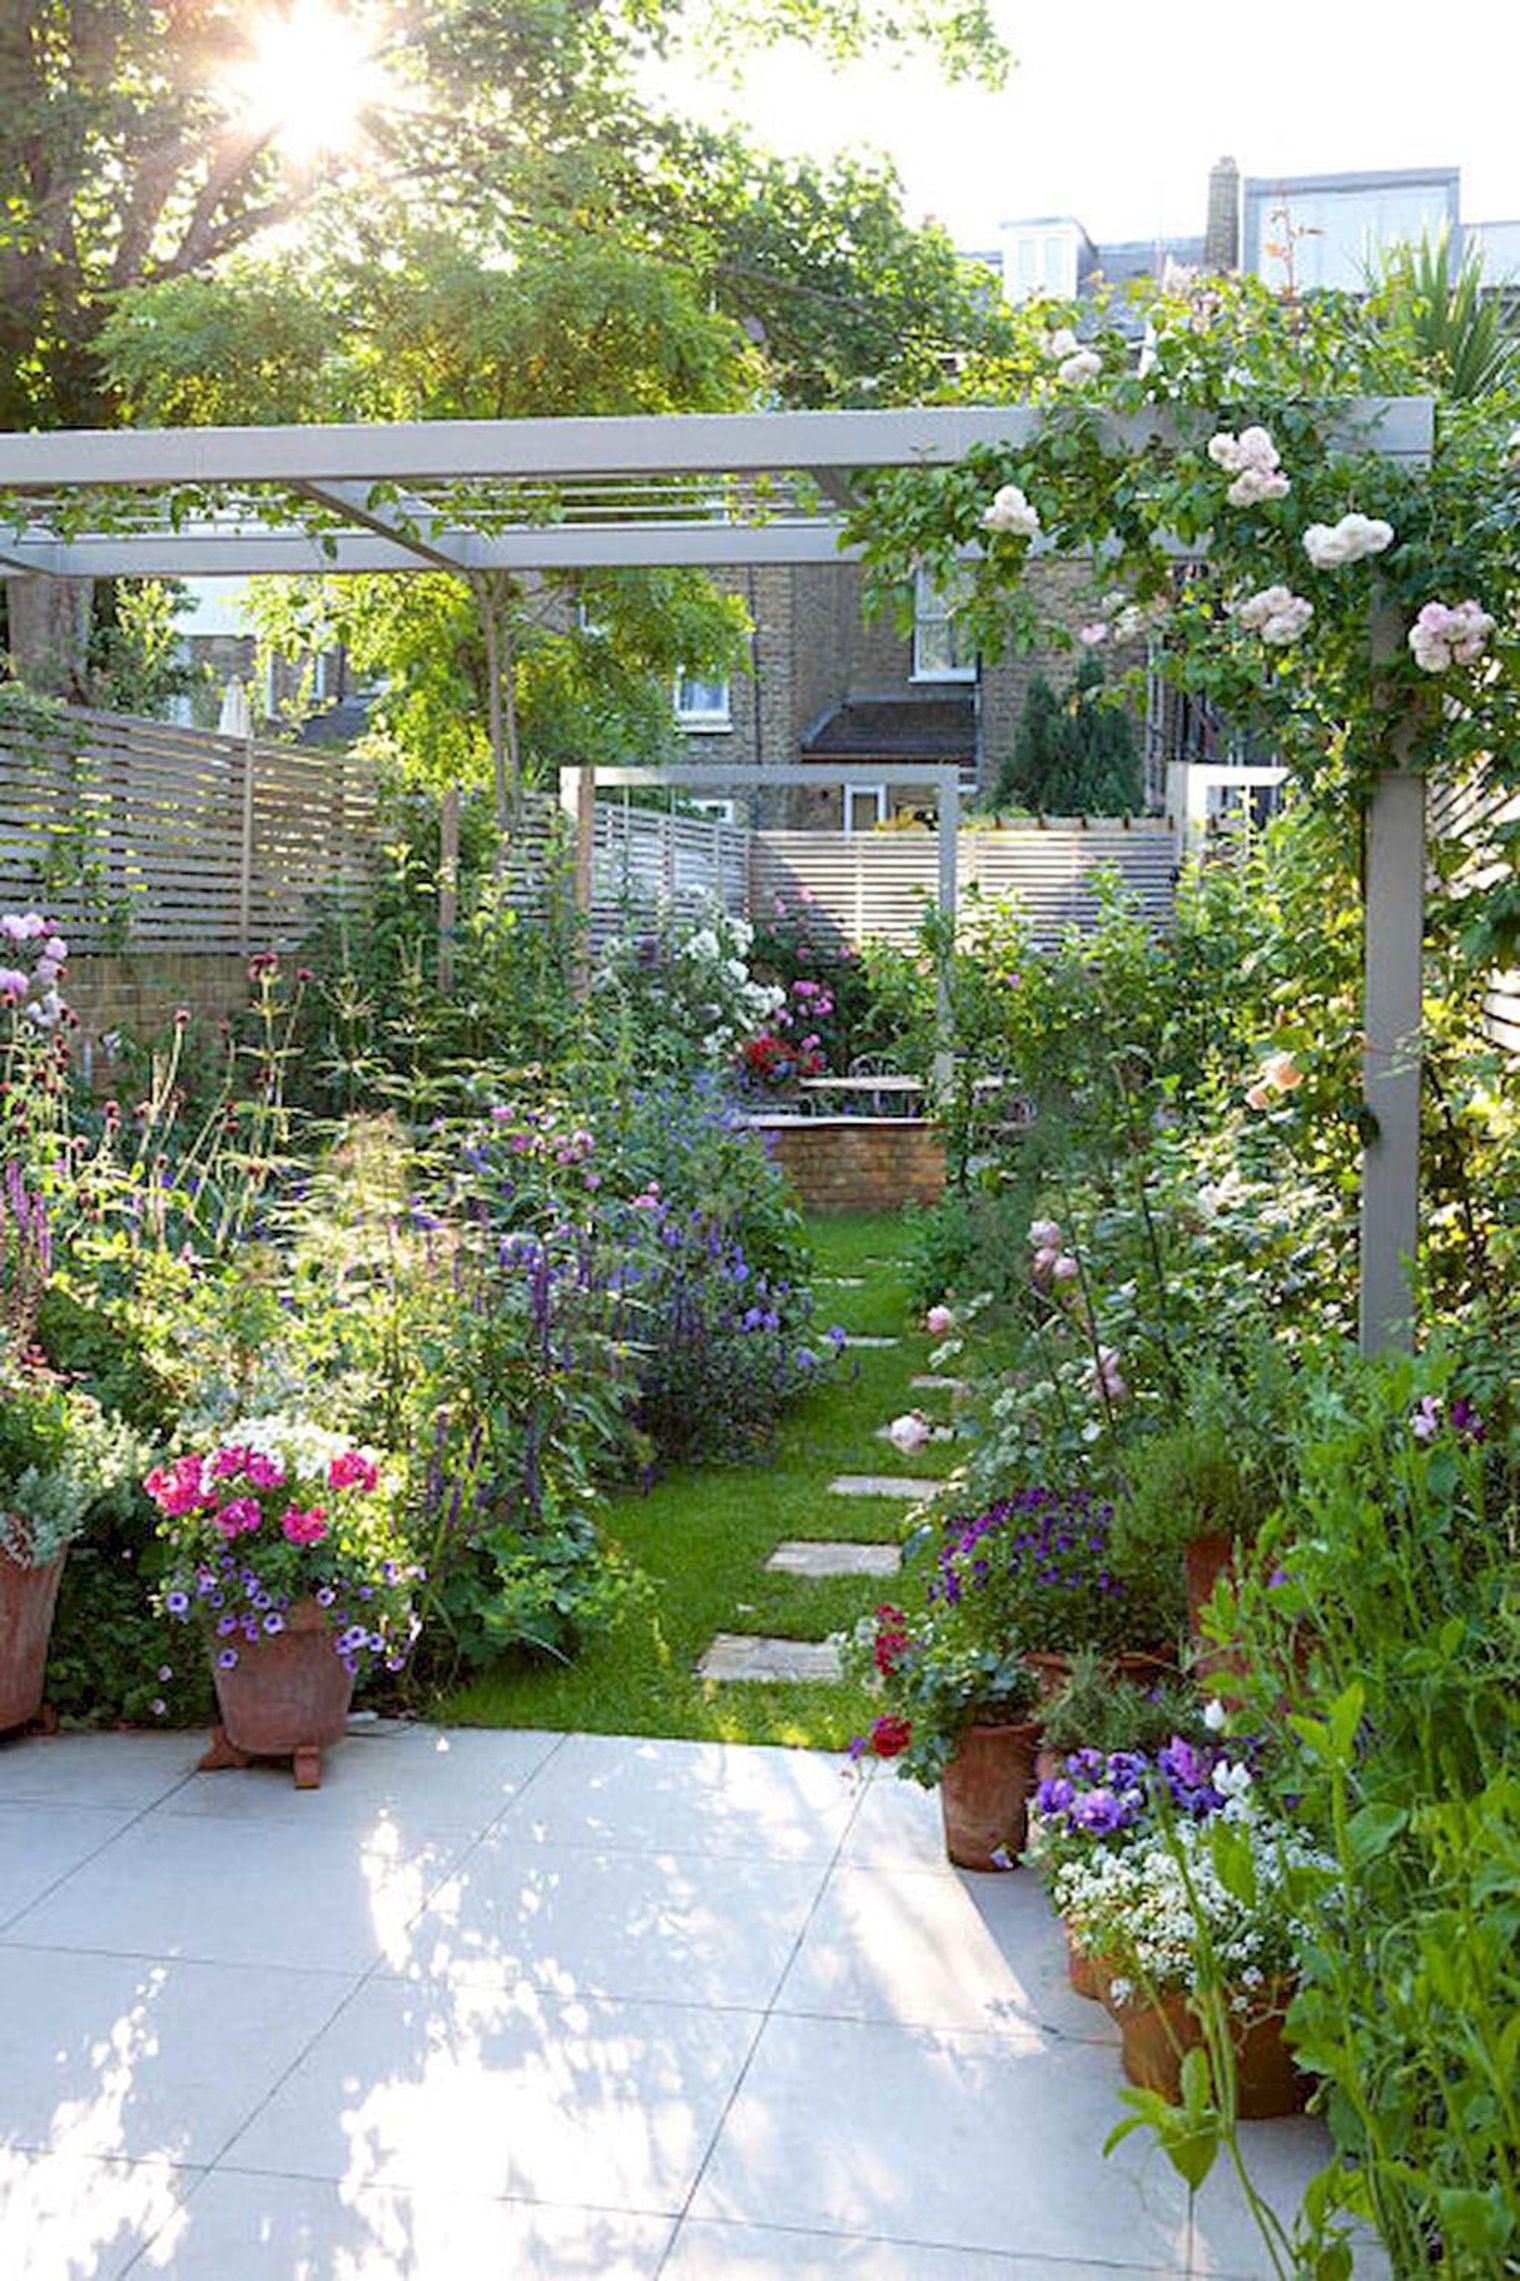 Petit Jardin : 8 Aménagements Repérés Sur Pinterest intérieur Petit Cabanon De Jardin